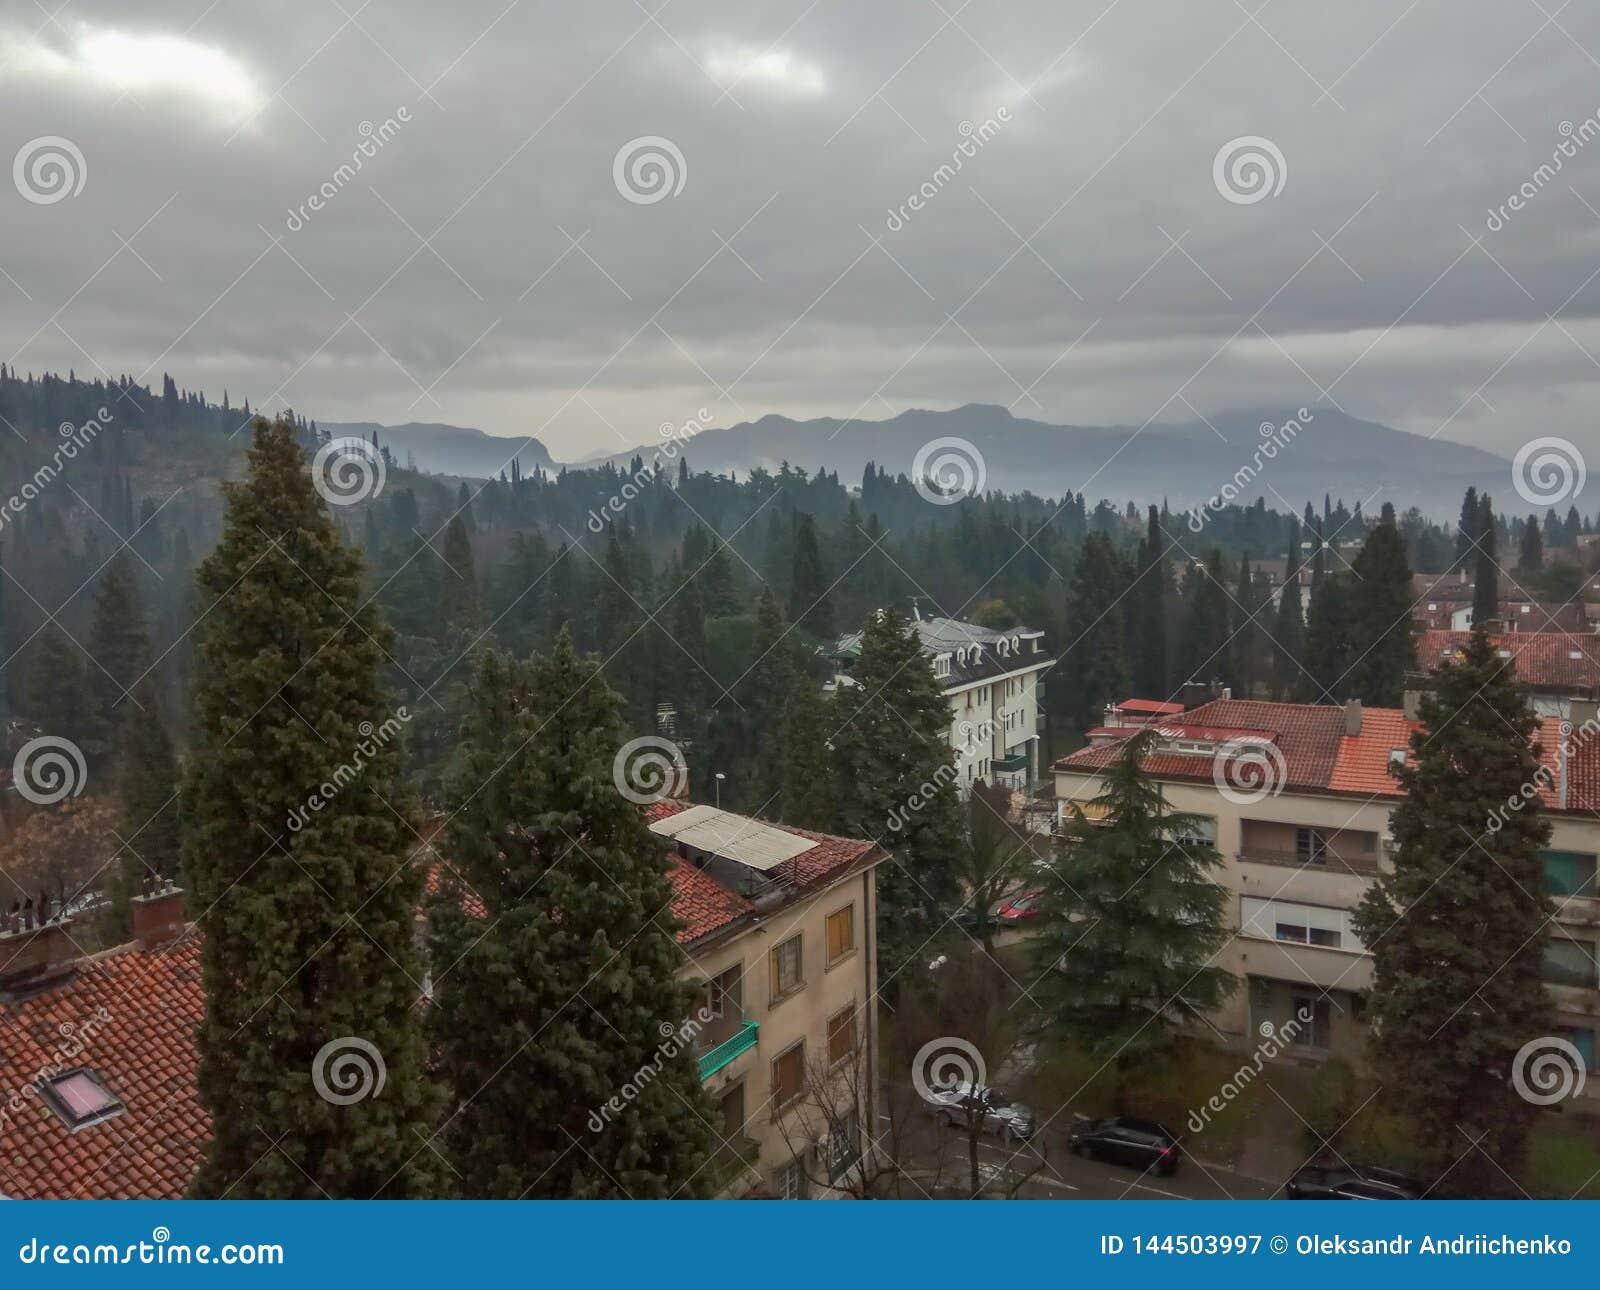 Bella vista della città al piede delle montagne nebbiose verdi contro il cielo nuvoloso